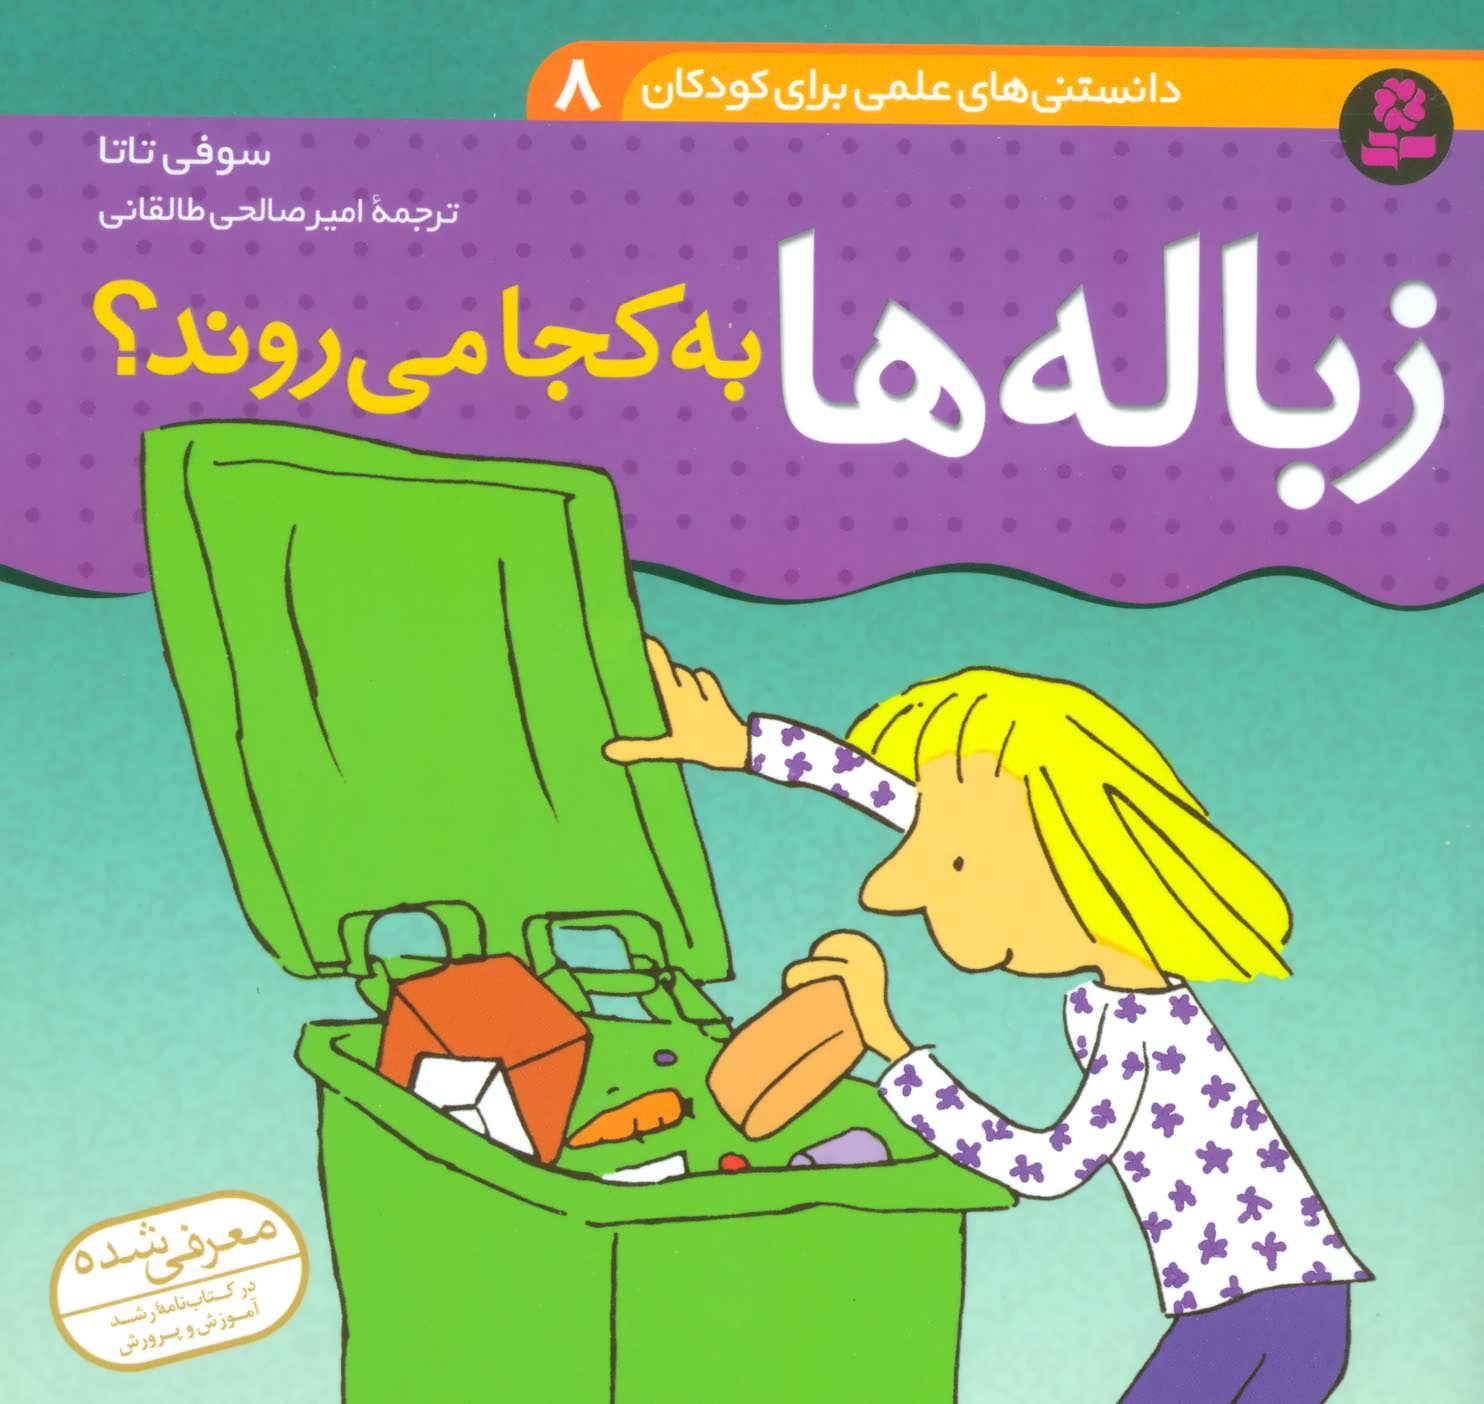 کتاب زبالهها به کجا میروند؟